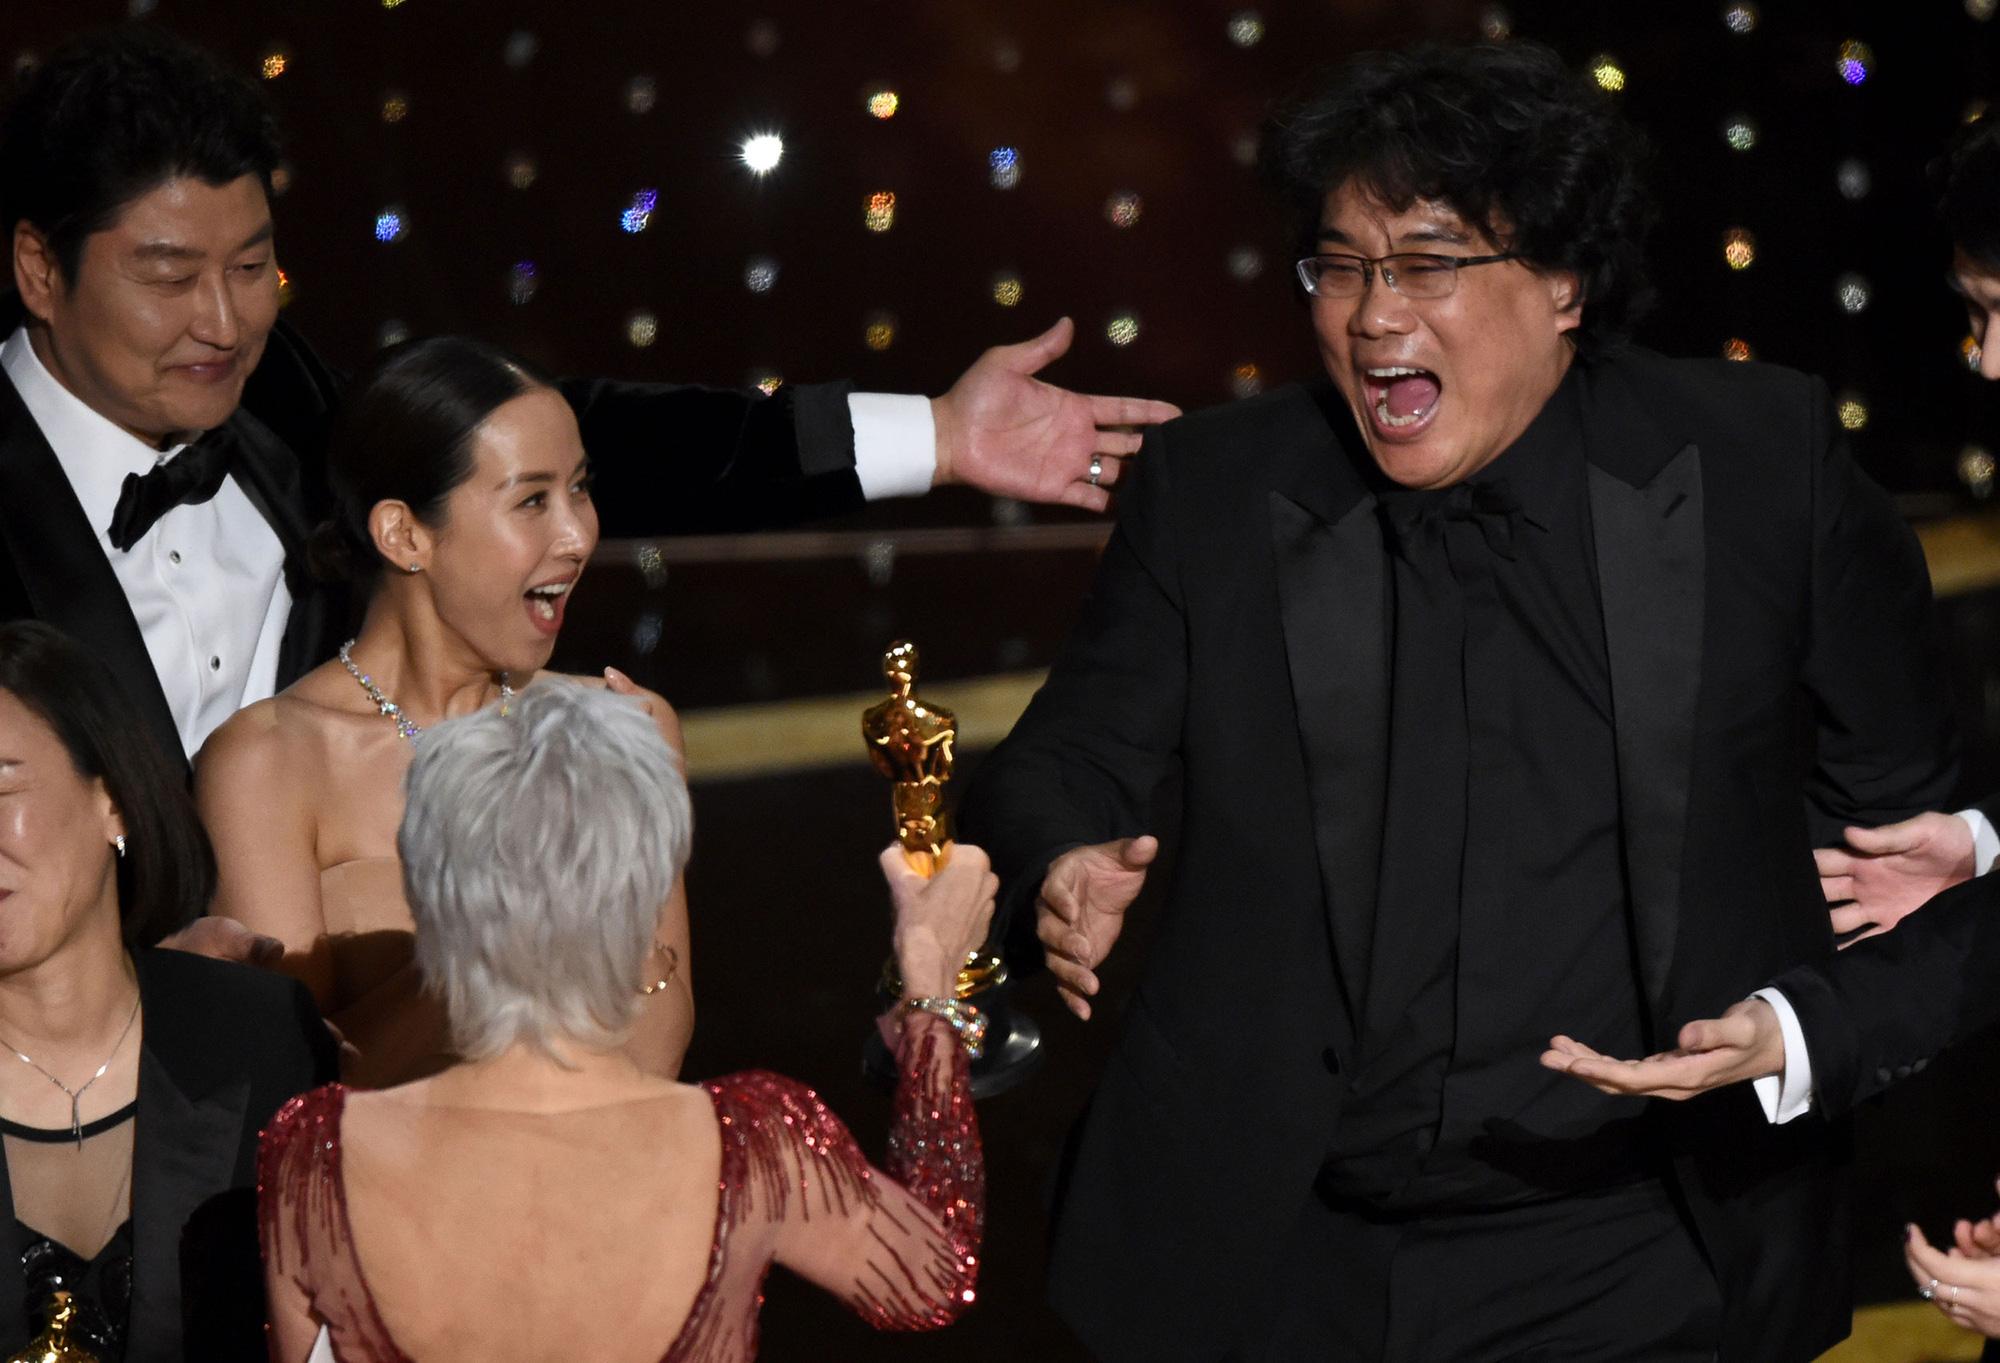 Ký sinh trùng: Chiến thắng lịch sử tại Oscar và một kết thúc vẹn toàn - Ảnh 1.